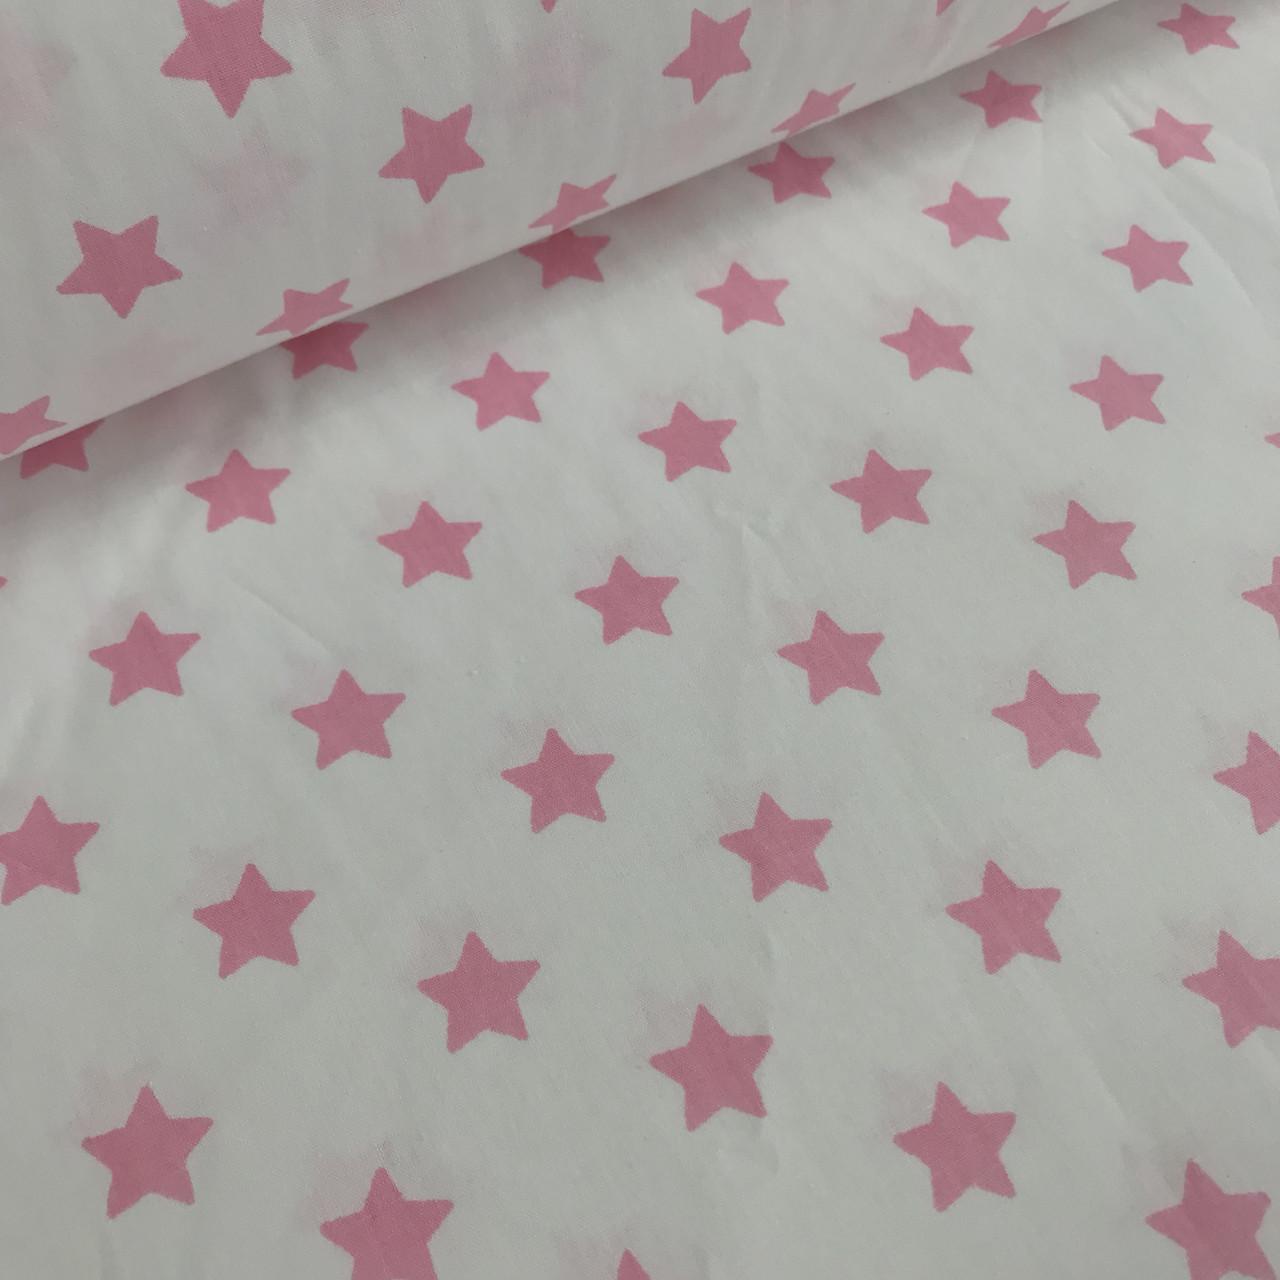 Ткань поплин звезды мелкие розовые на белом (ТУРЦИЯ шир. 2,4 м) № 33-19